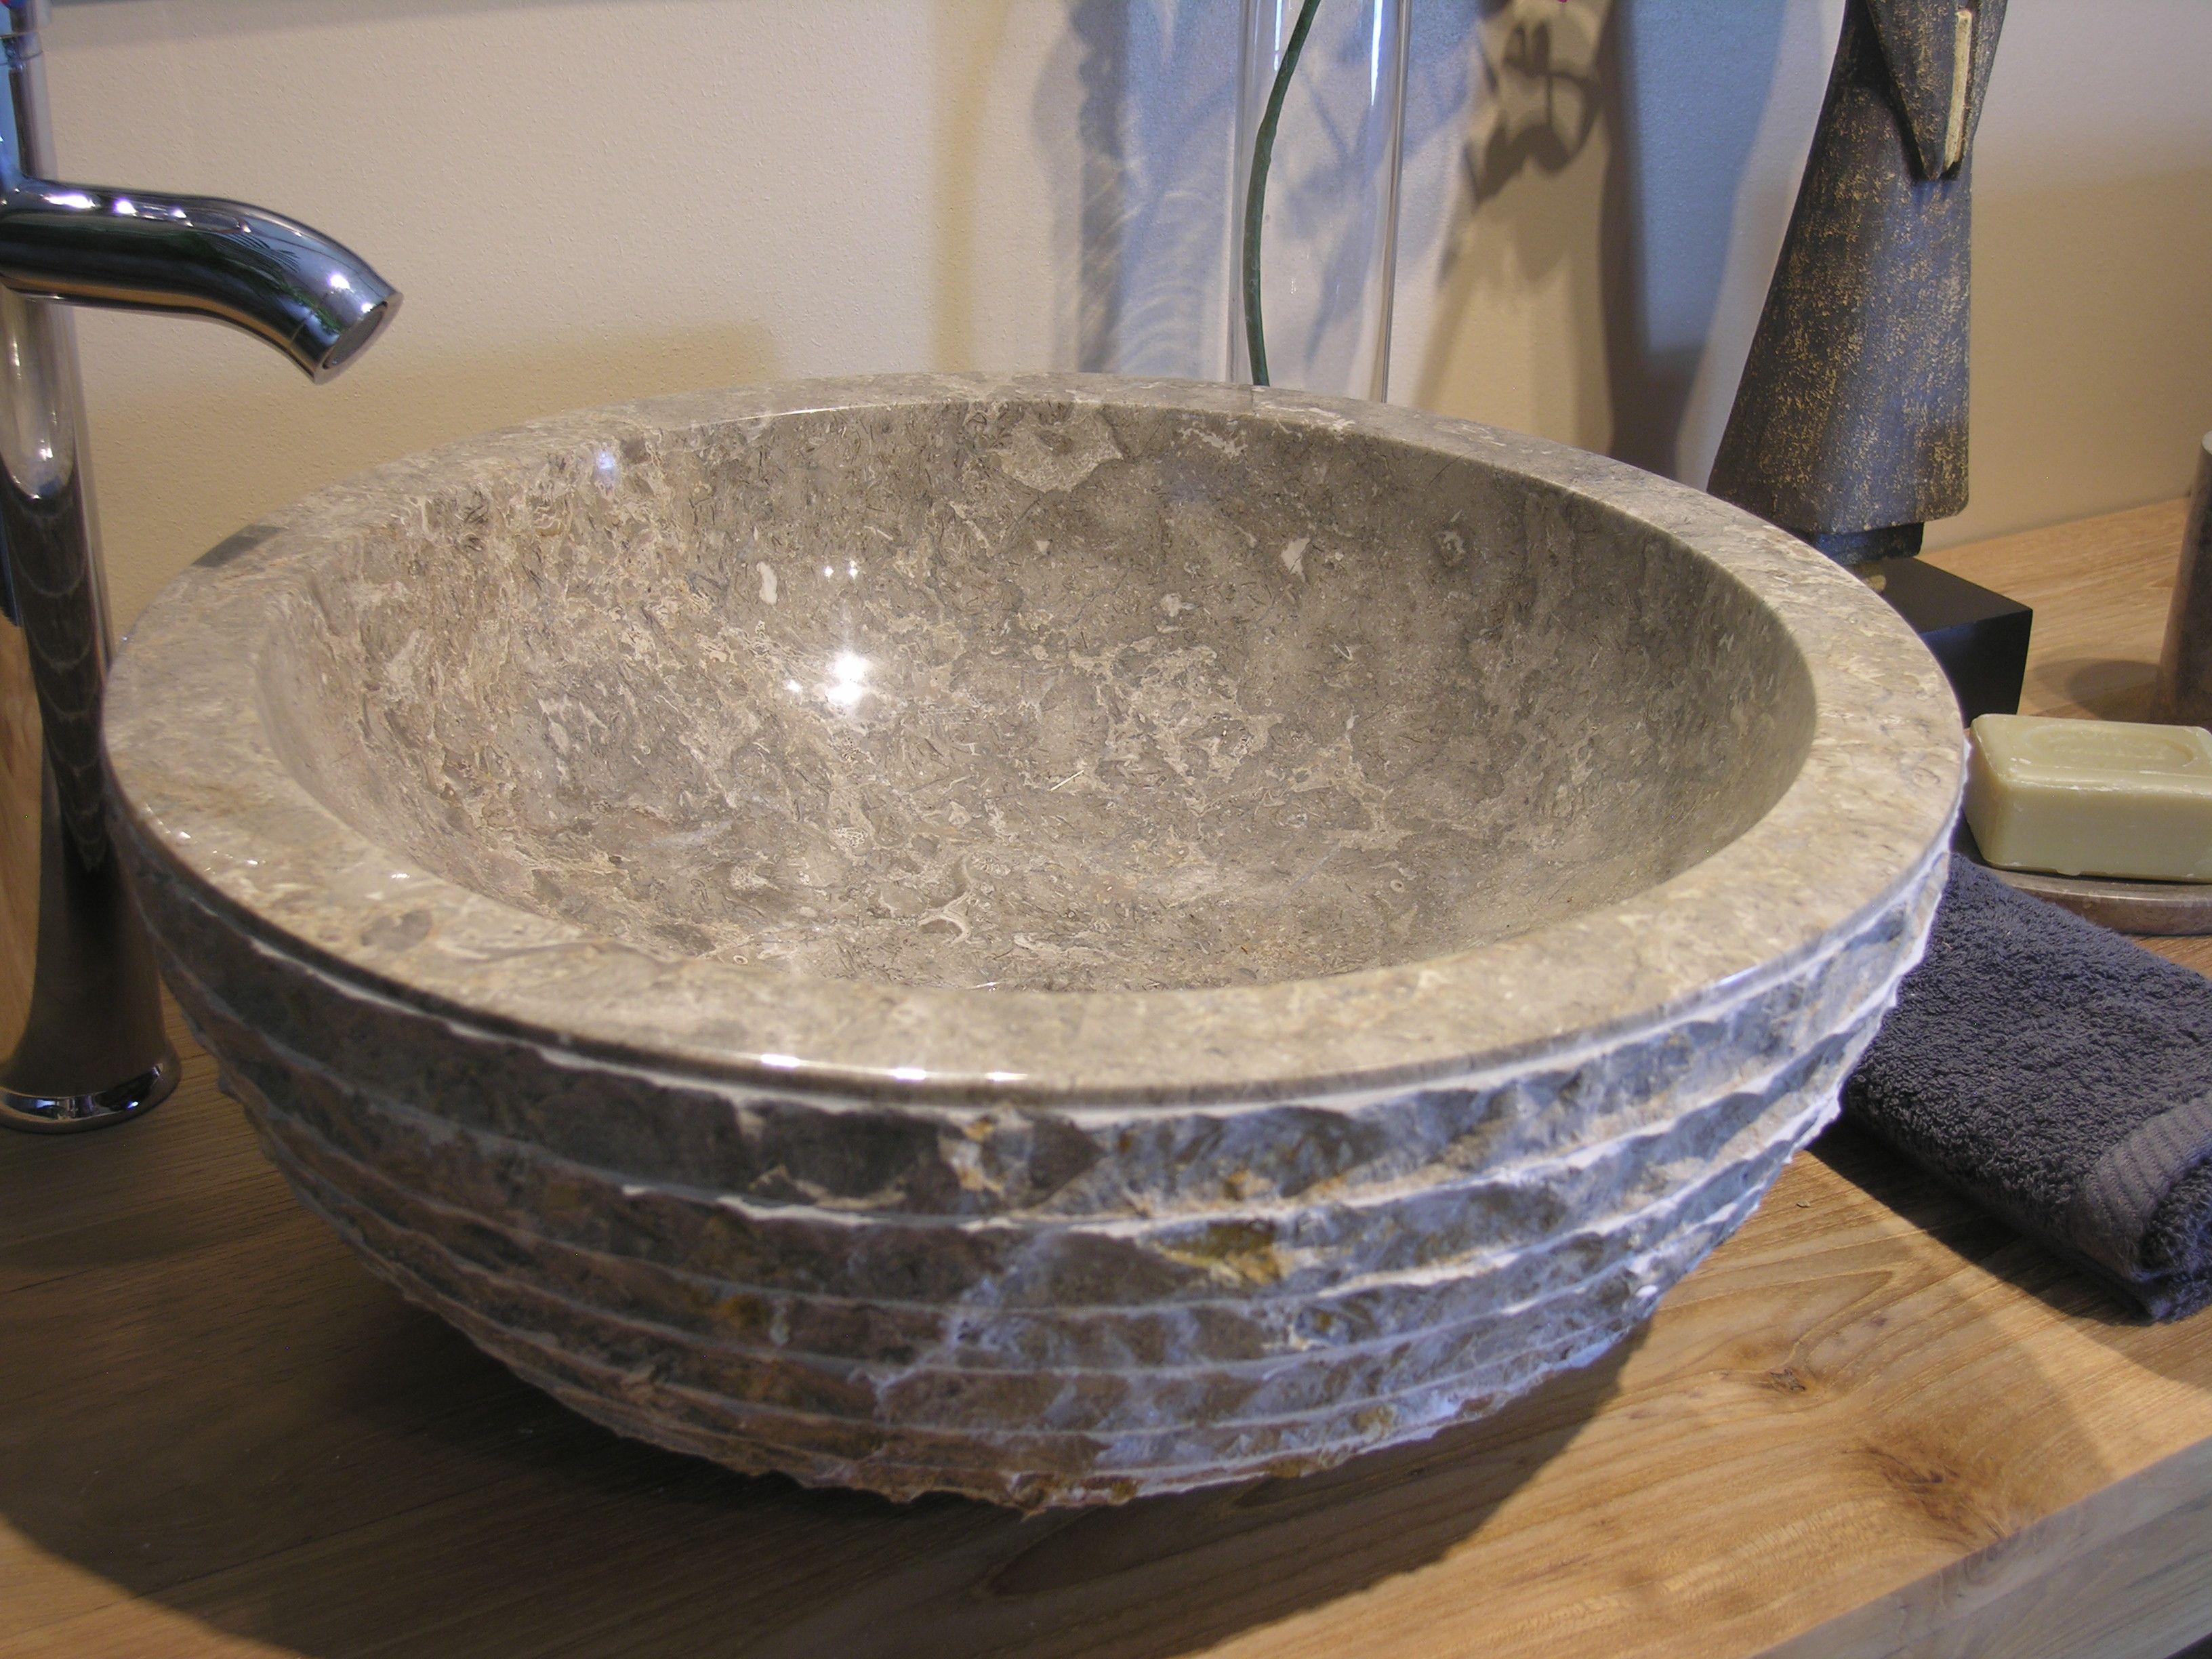 http://www.wanda-collection.com/ori-vasque-en-pierre-de-salle-de ... - Vasque En Pierre Salle De Bain